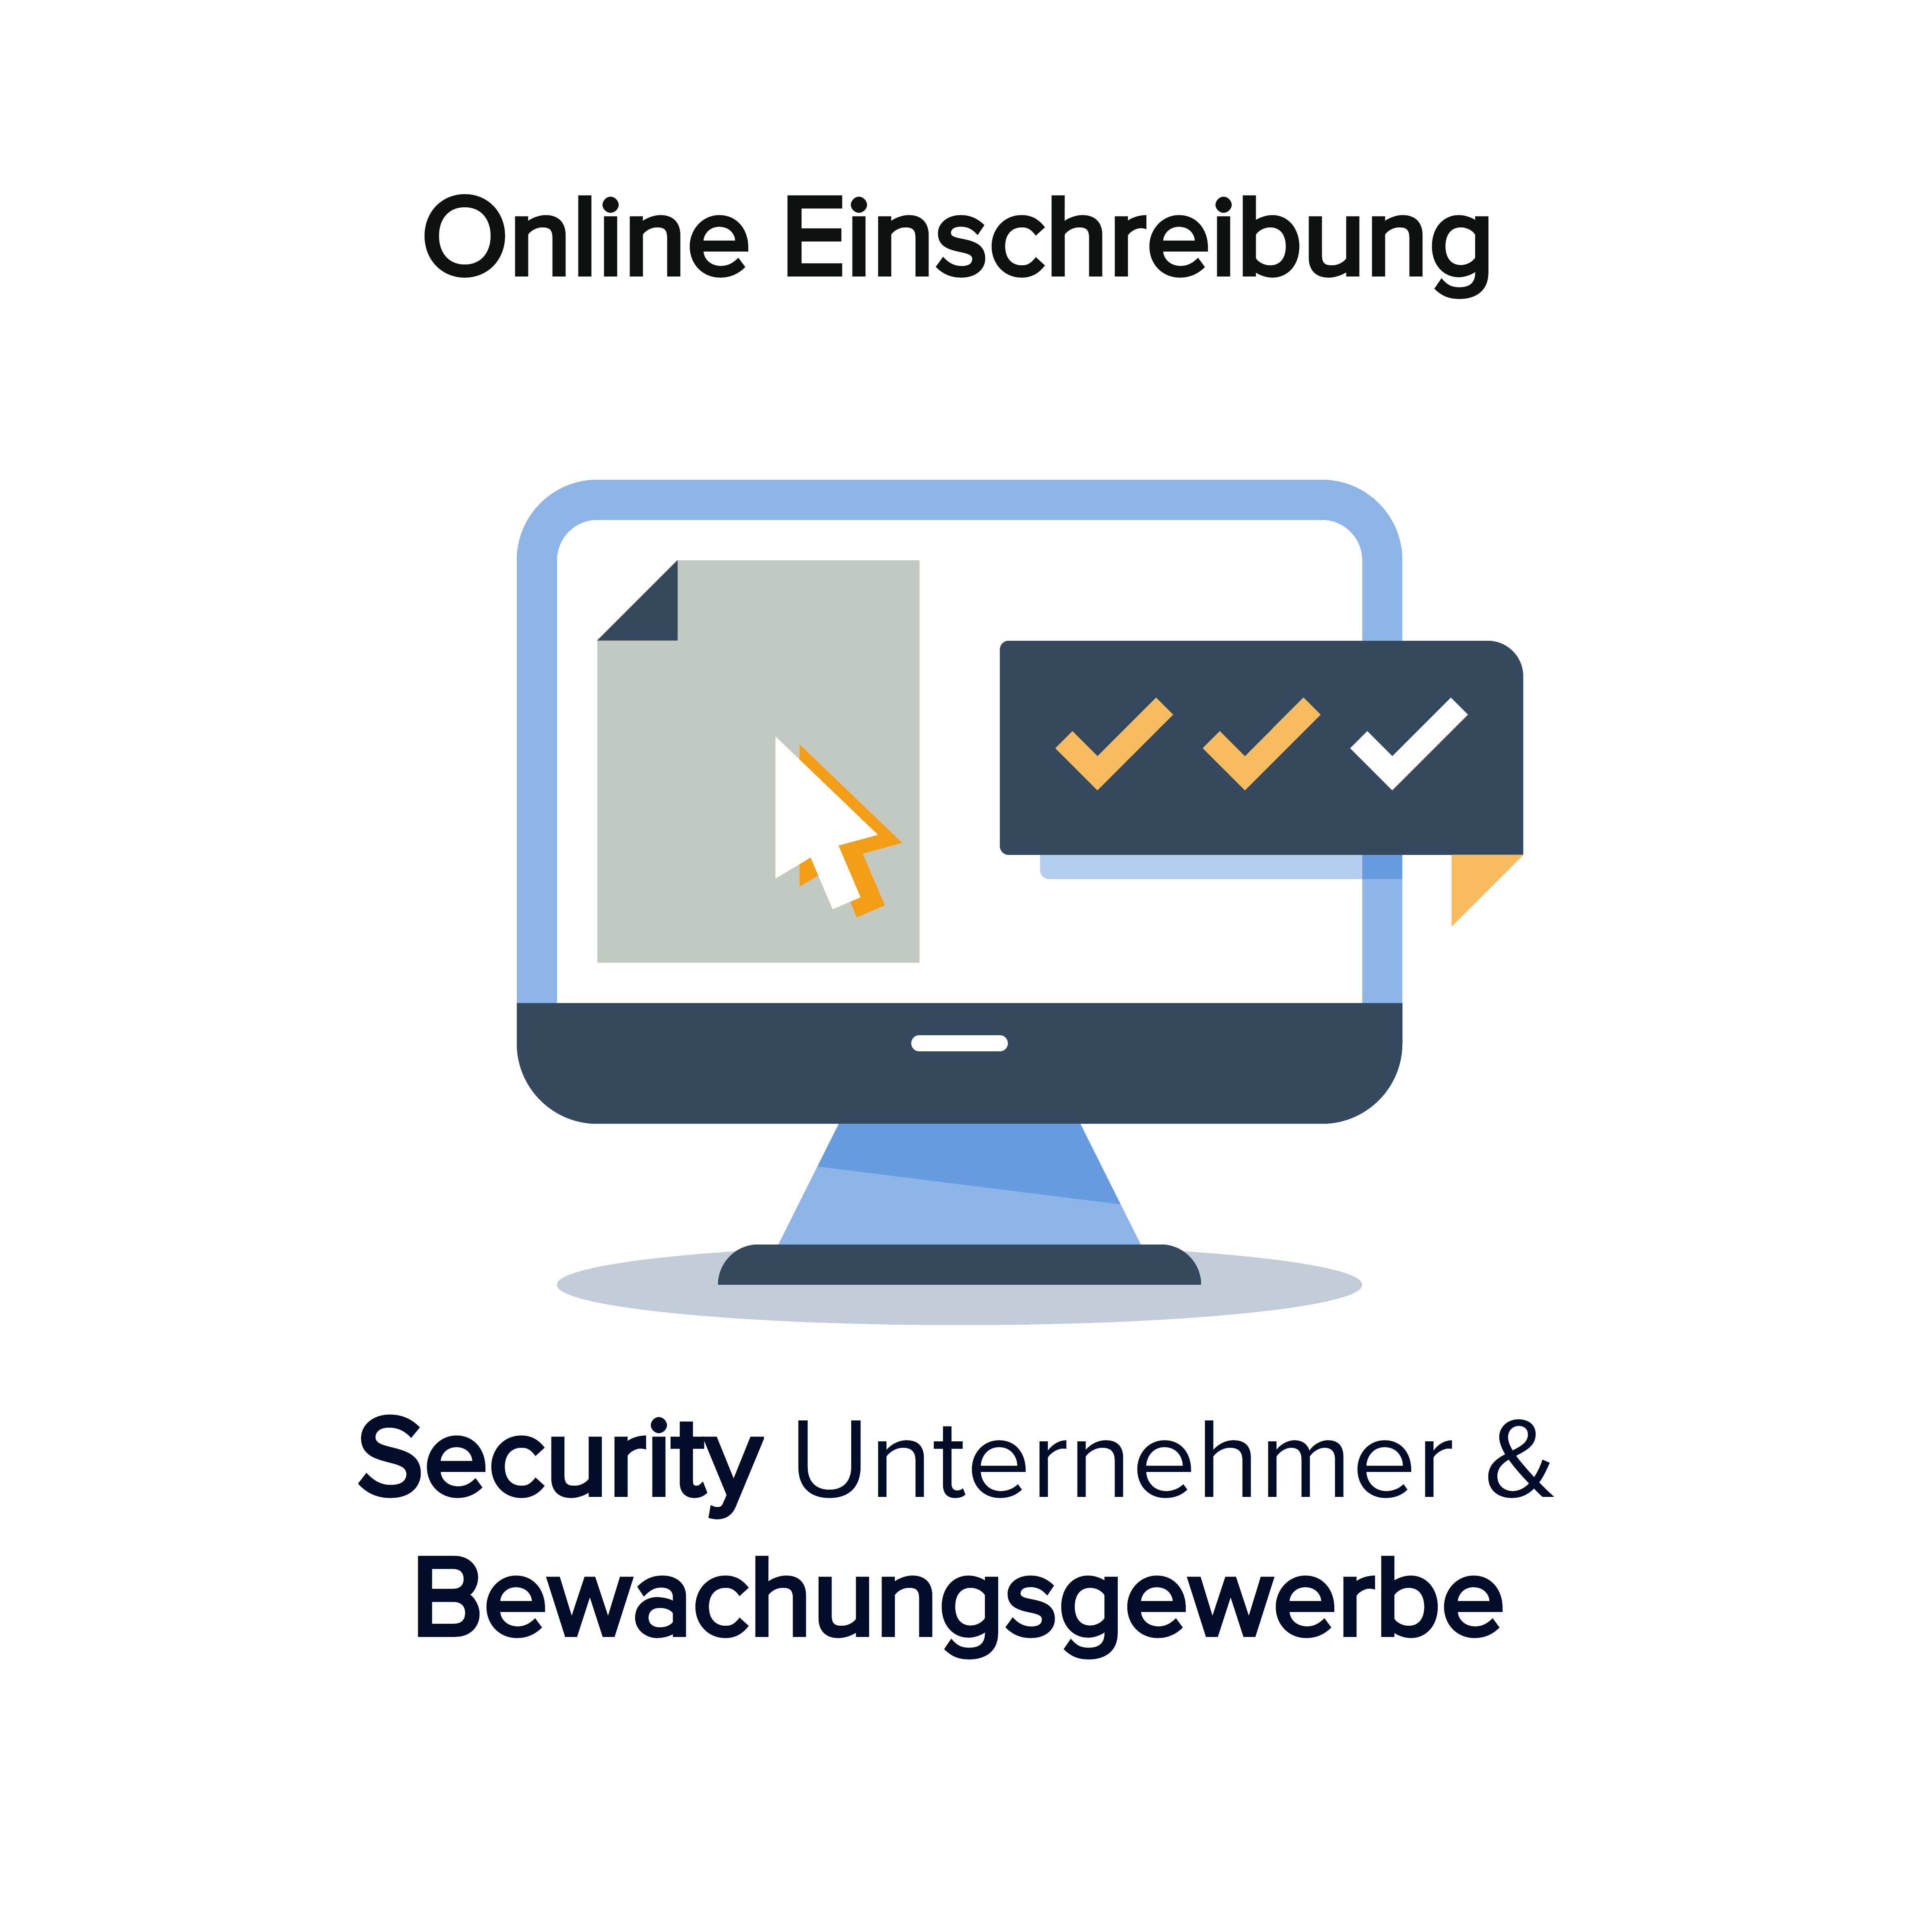 Online Kurs Einschreiben Bewachungsgewerbe Security Unternehmer